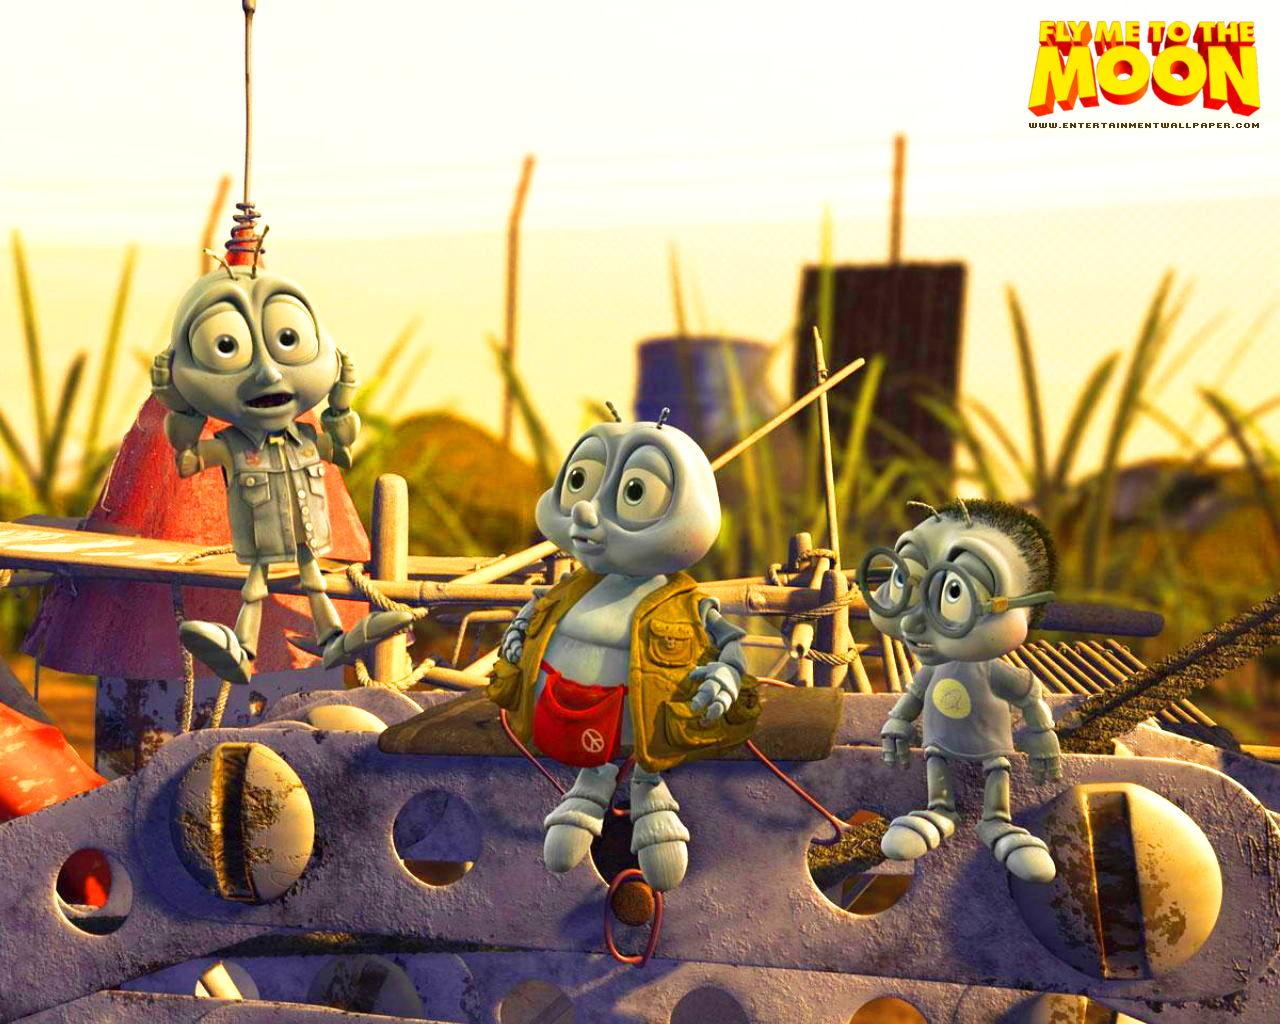 Wallpapers y trailer de la película animada FLY ME TO THE MOON